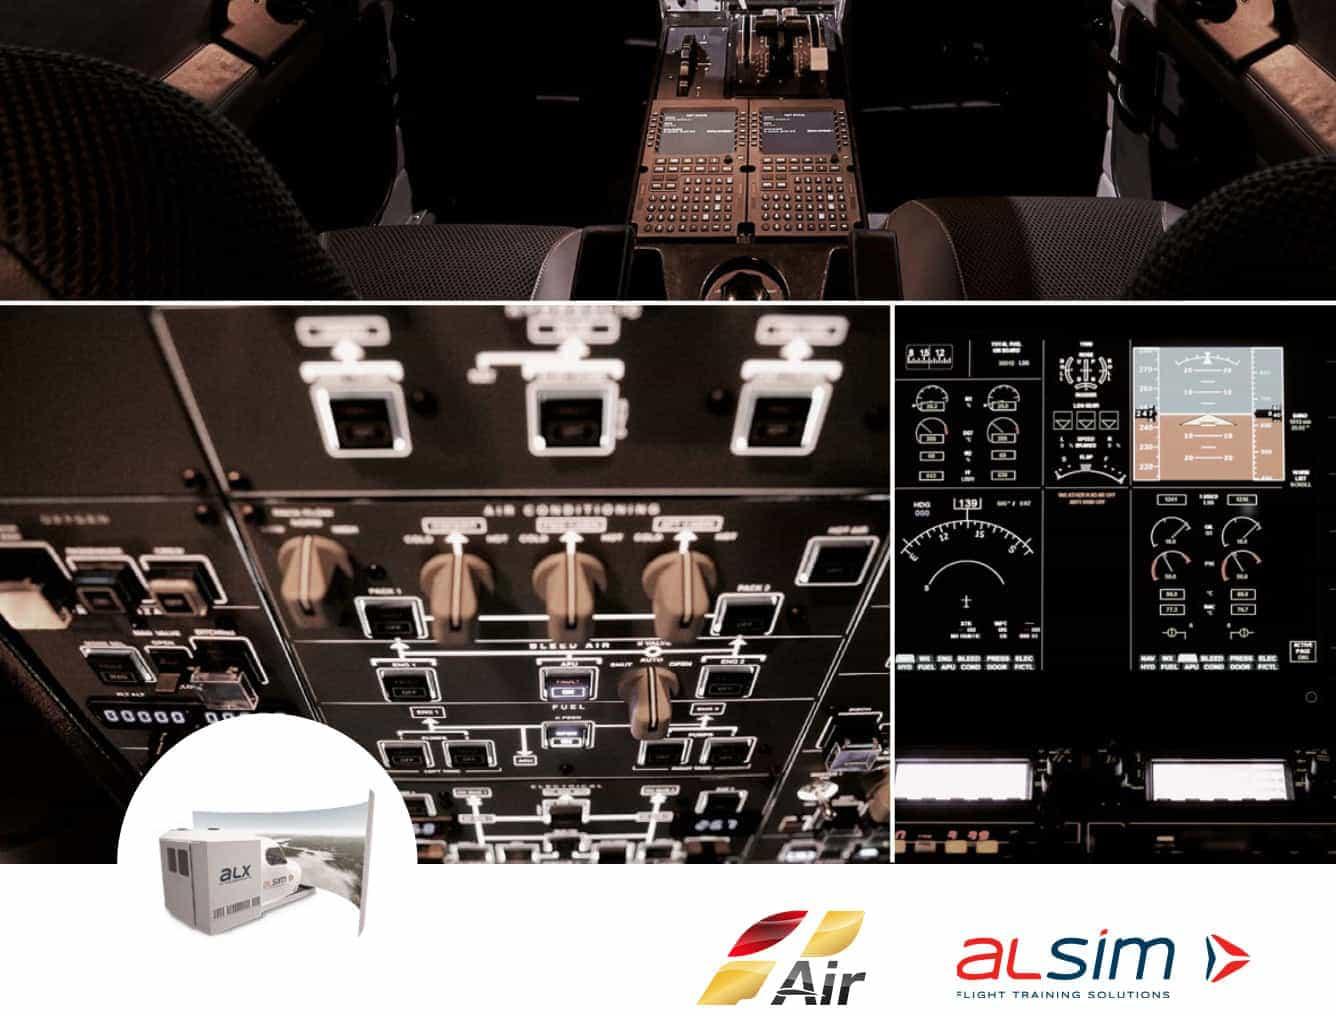 cabina simulador alsim alx cuadro mandos interior one air aviacion